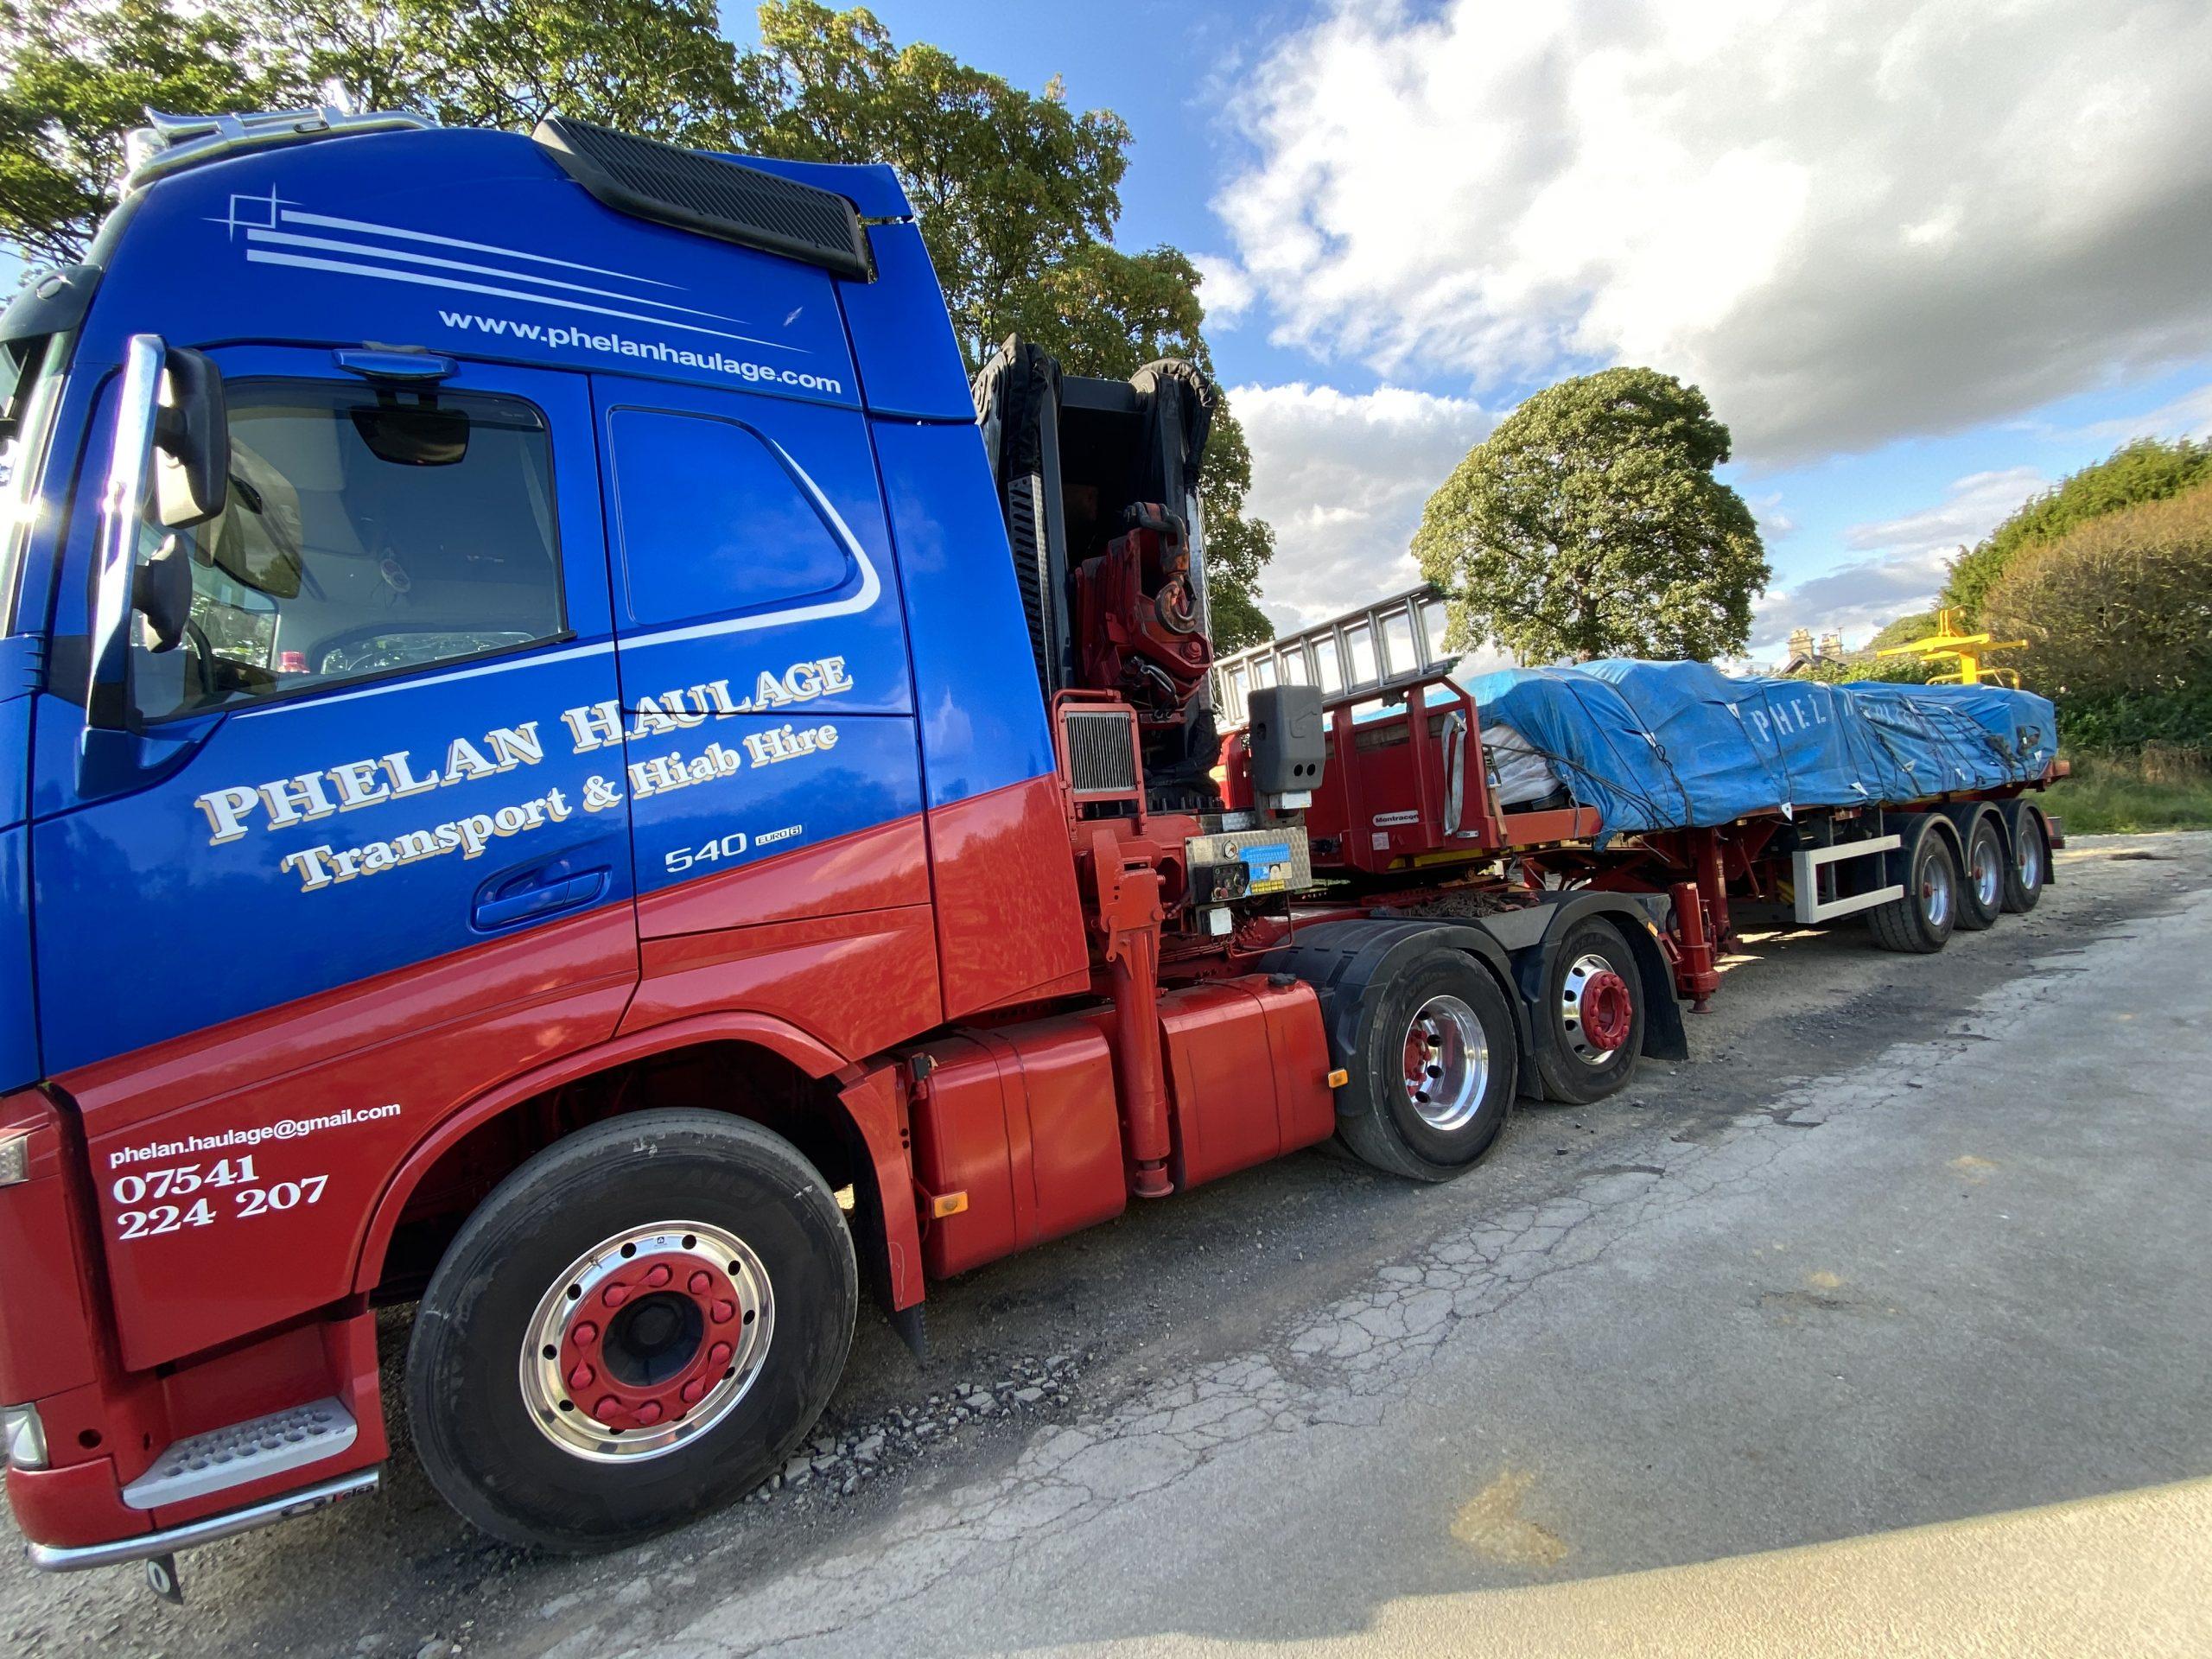 phelan_haulage_hiab_truck